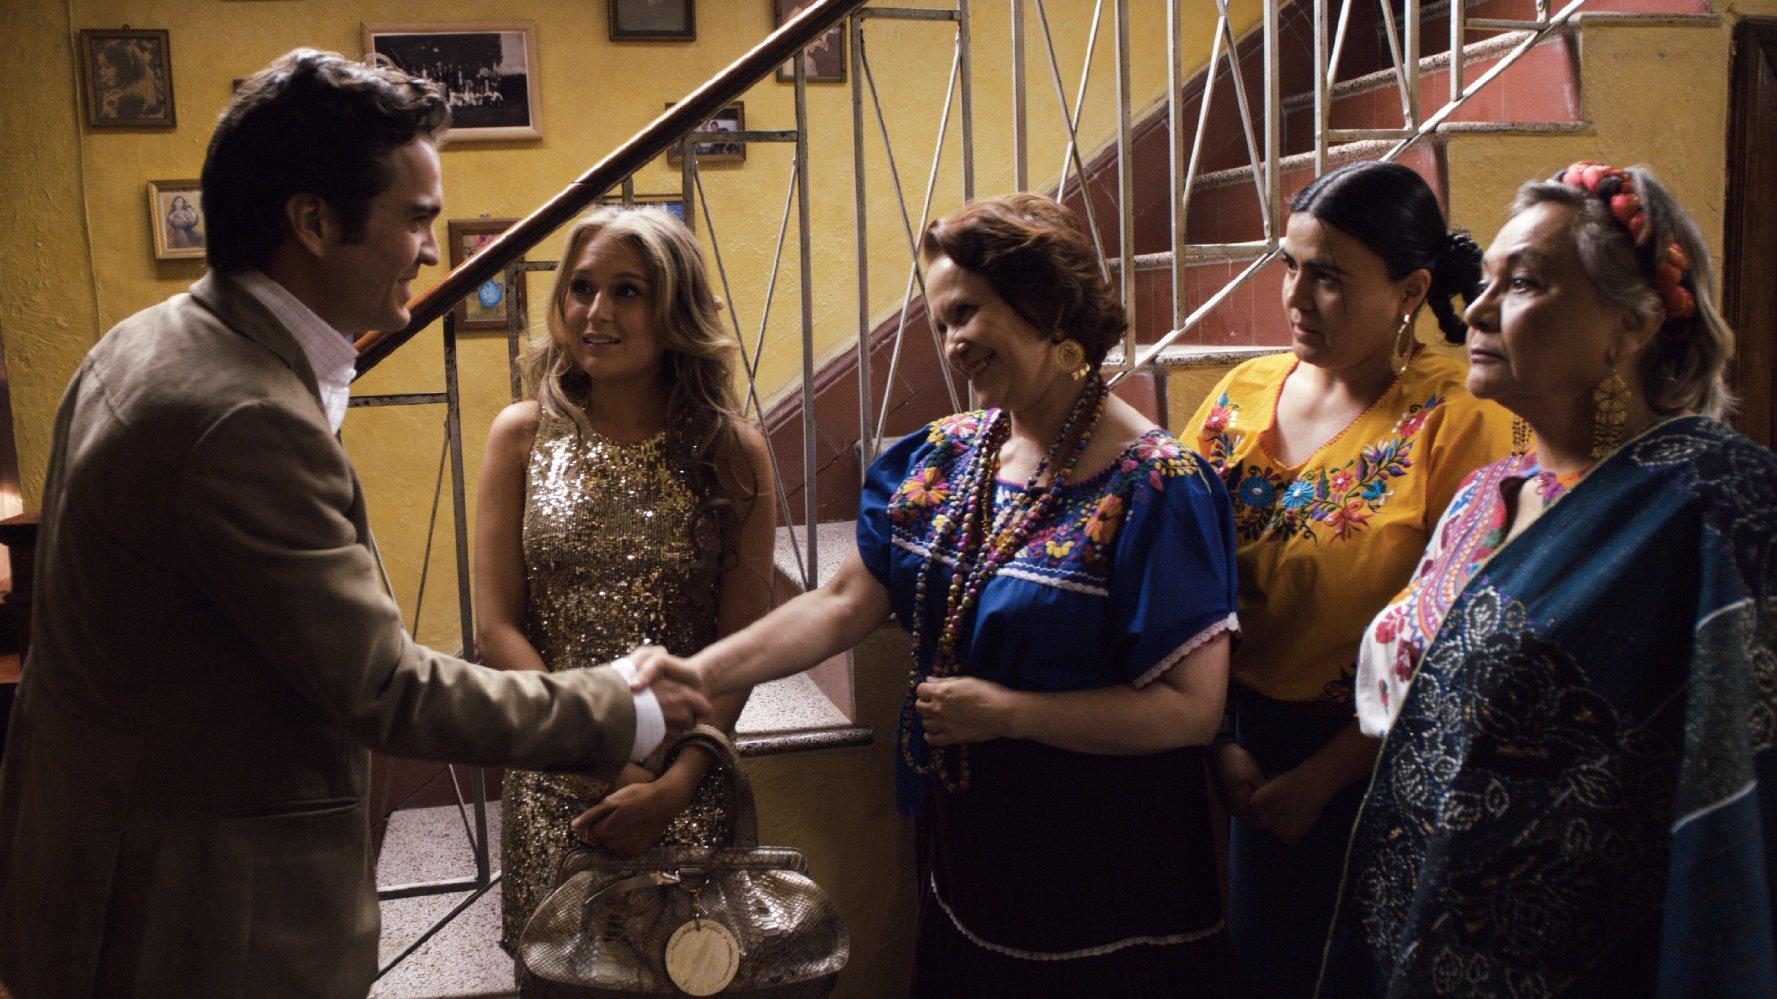 مشاهدة فيلم From Prada To Nada 2011 HD مترجم كامل اون لاين